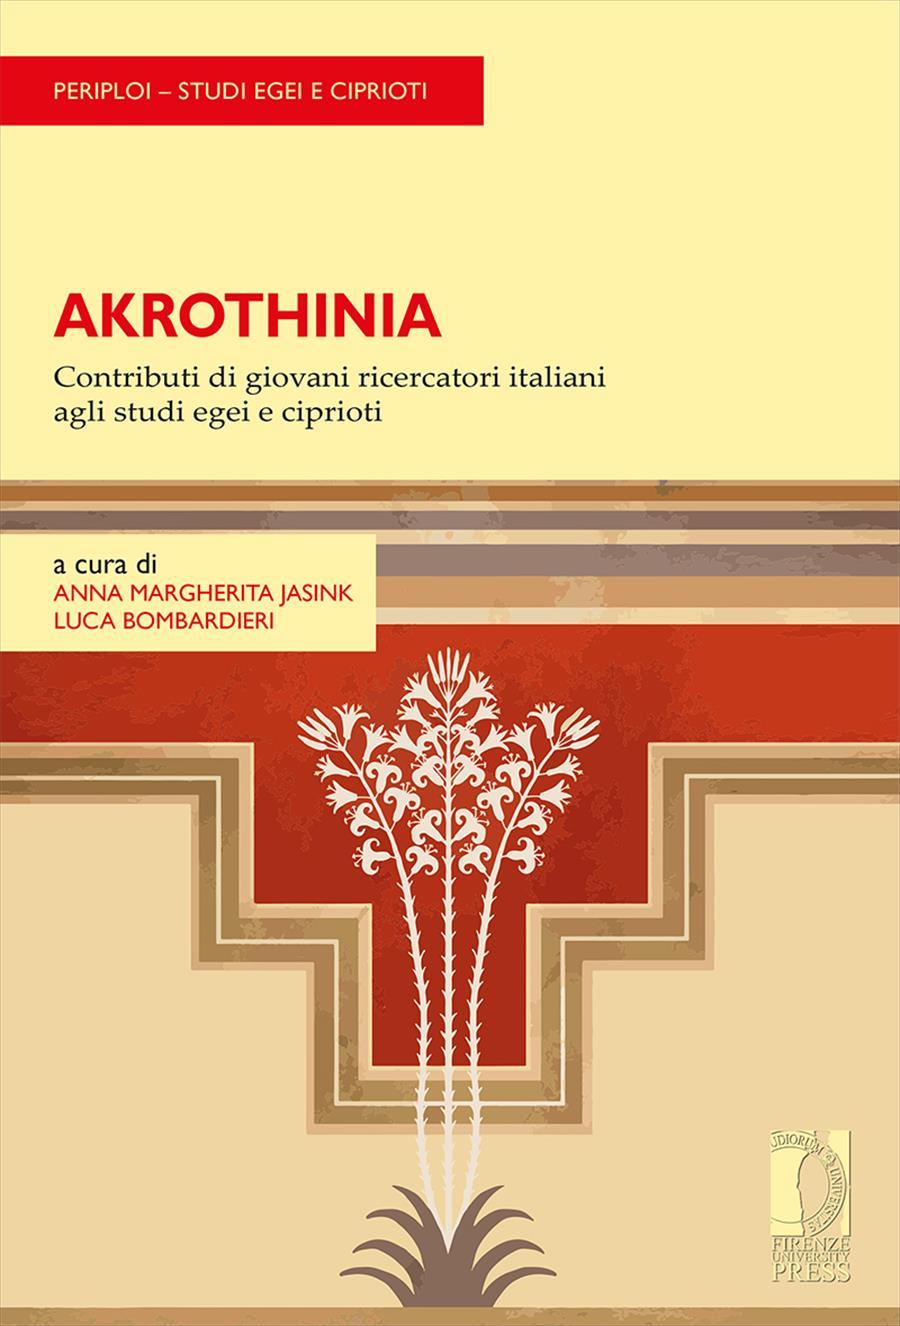 AKROTHINIA